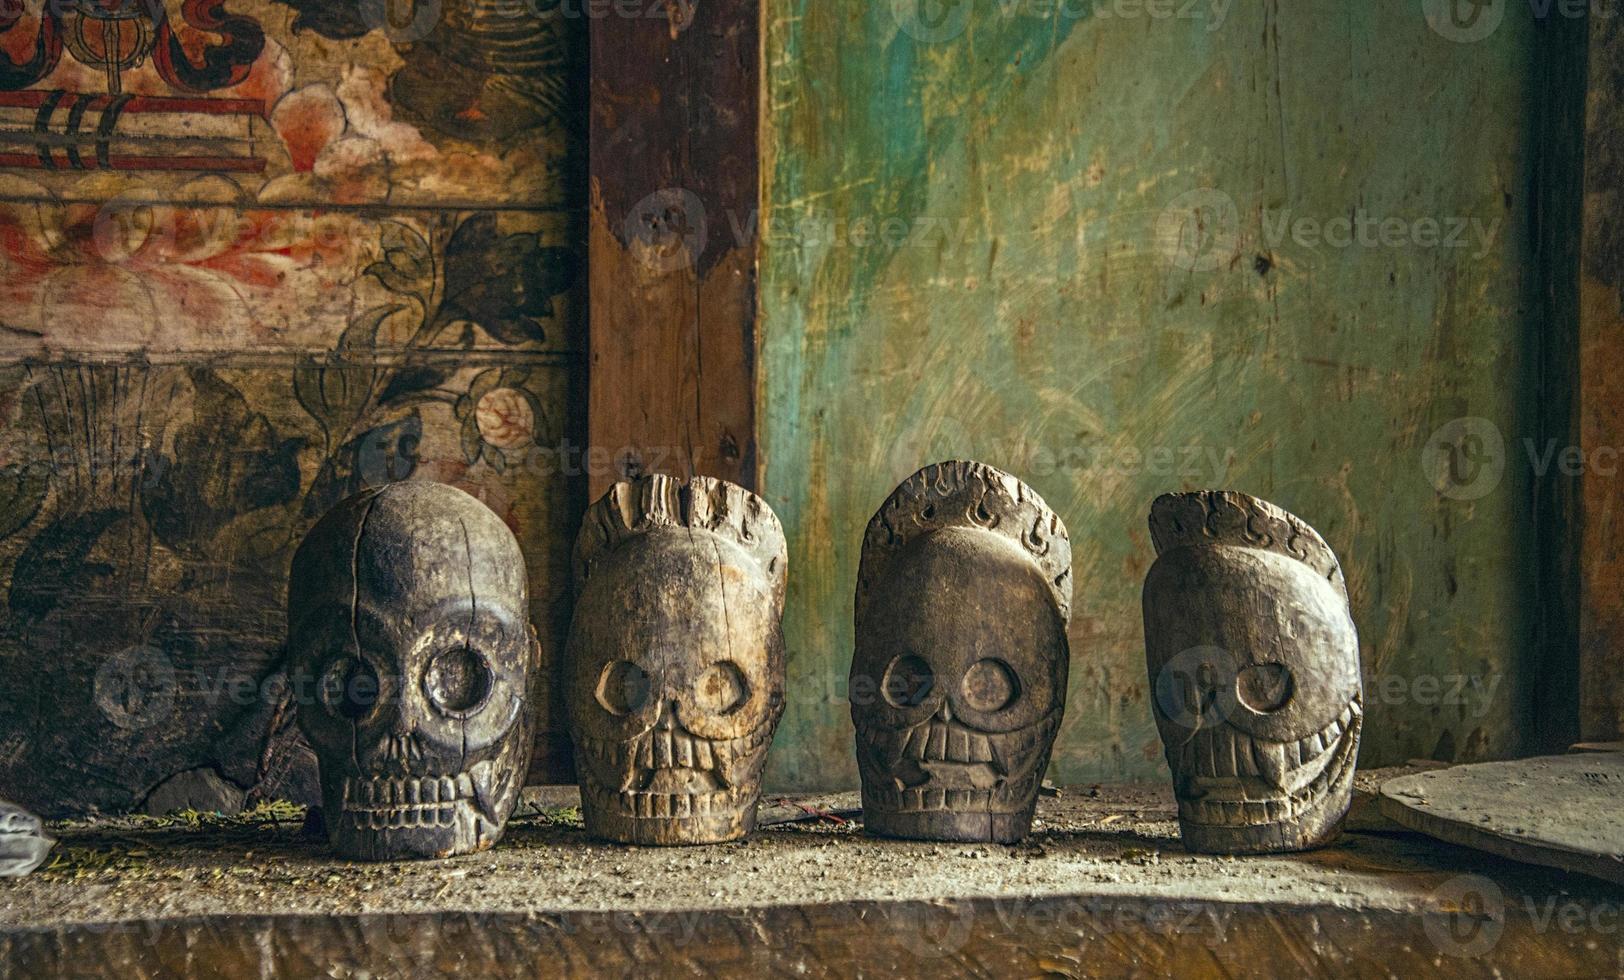 calaveras talladas en madera foto